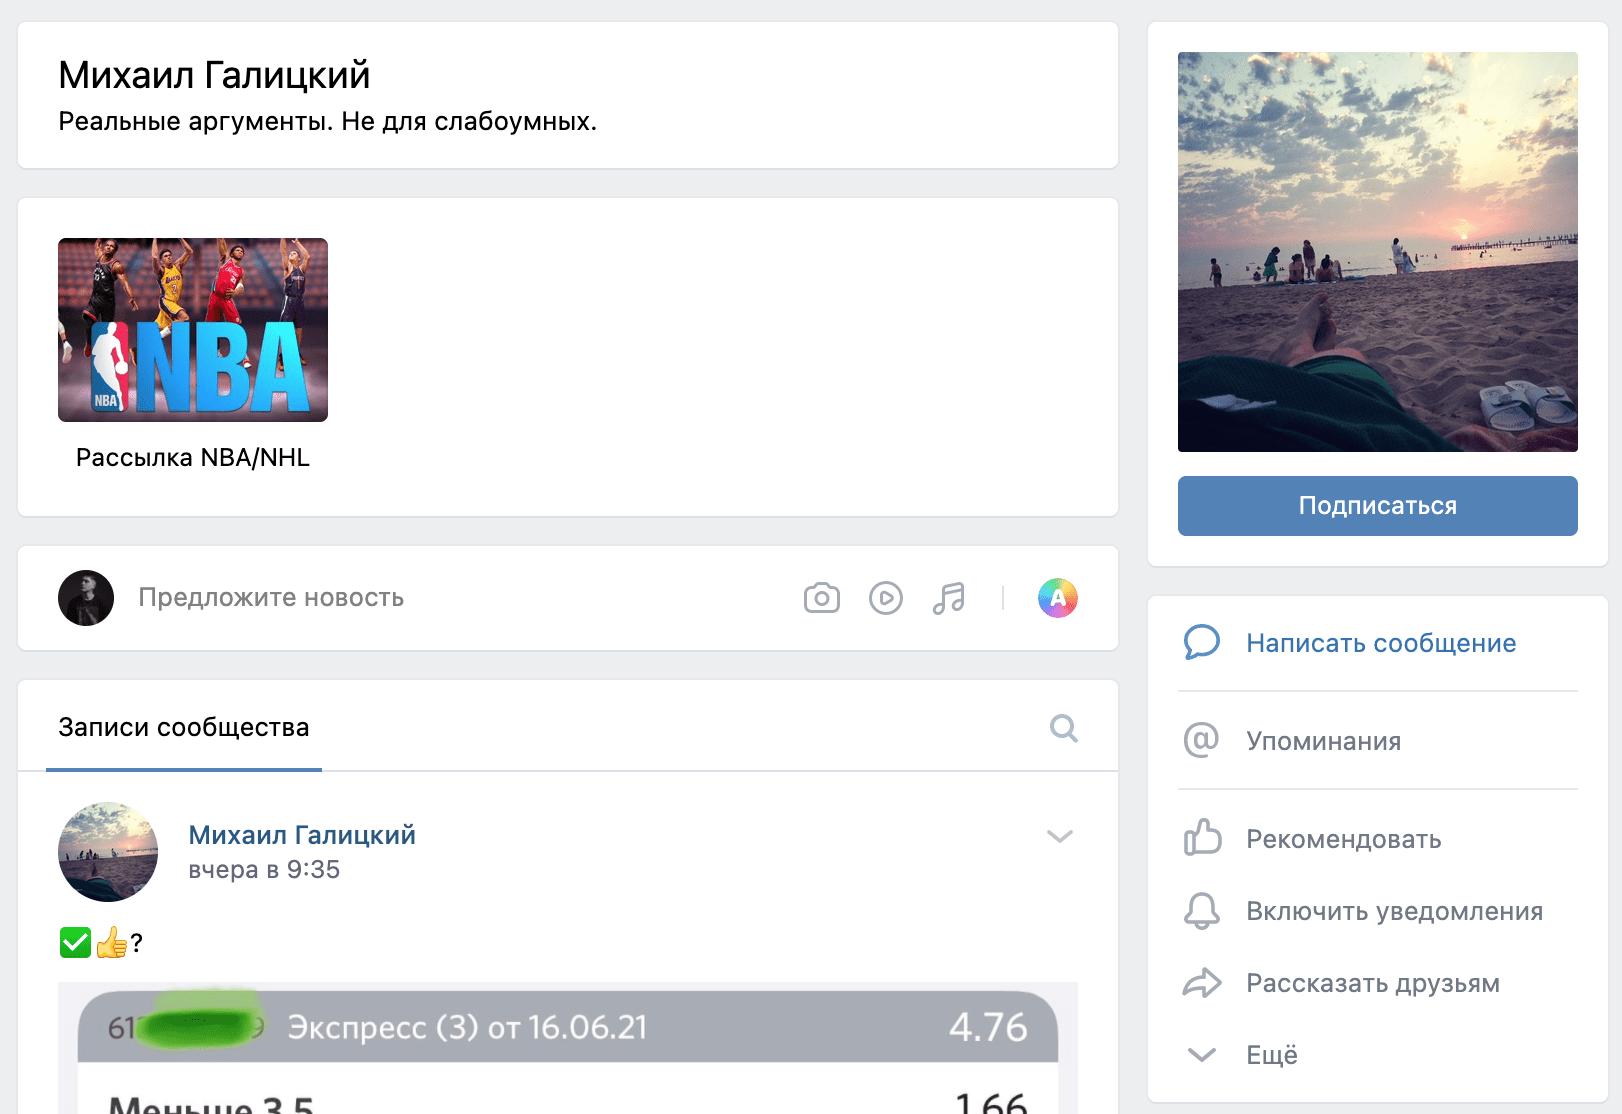 Группа ВК Михаила Галицкого